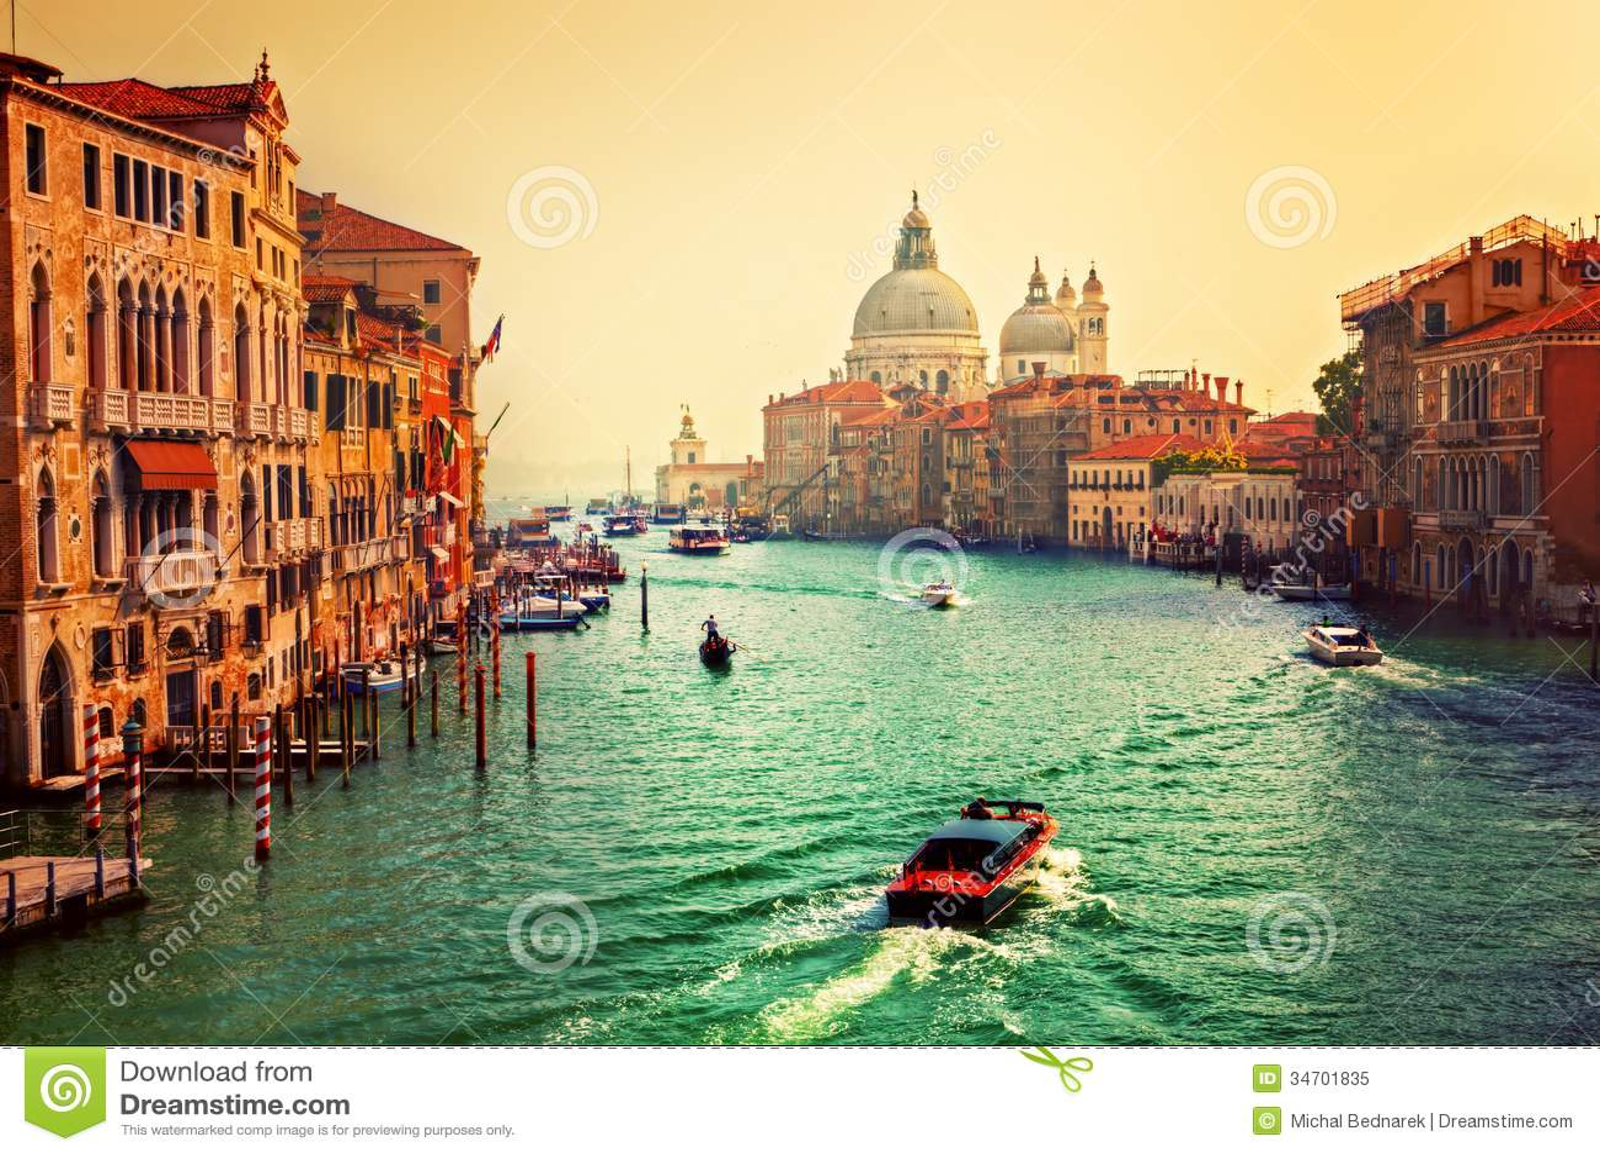 Venezia, Italia. Grand Canal e basilica Santa Maria della Salute al tramonto